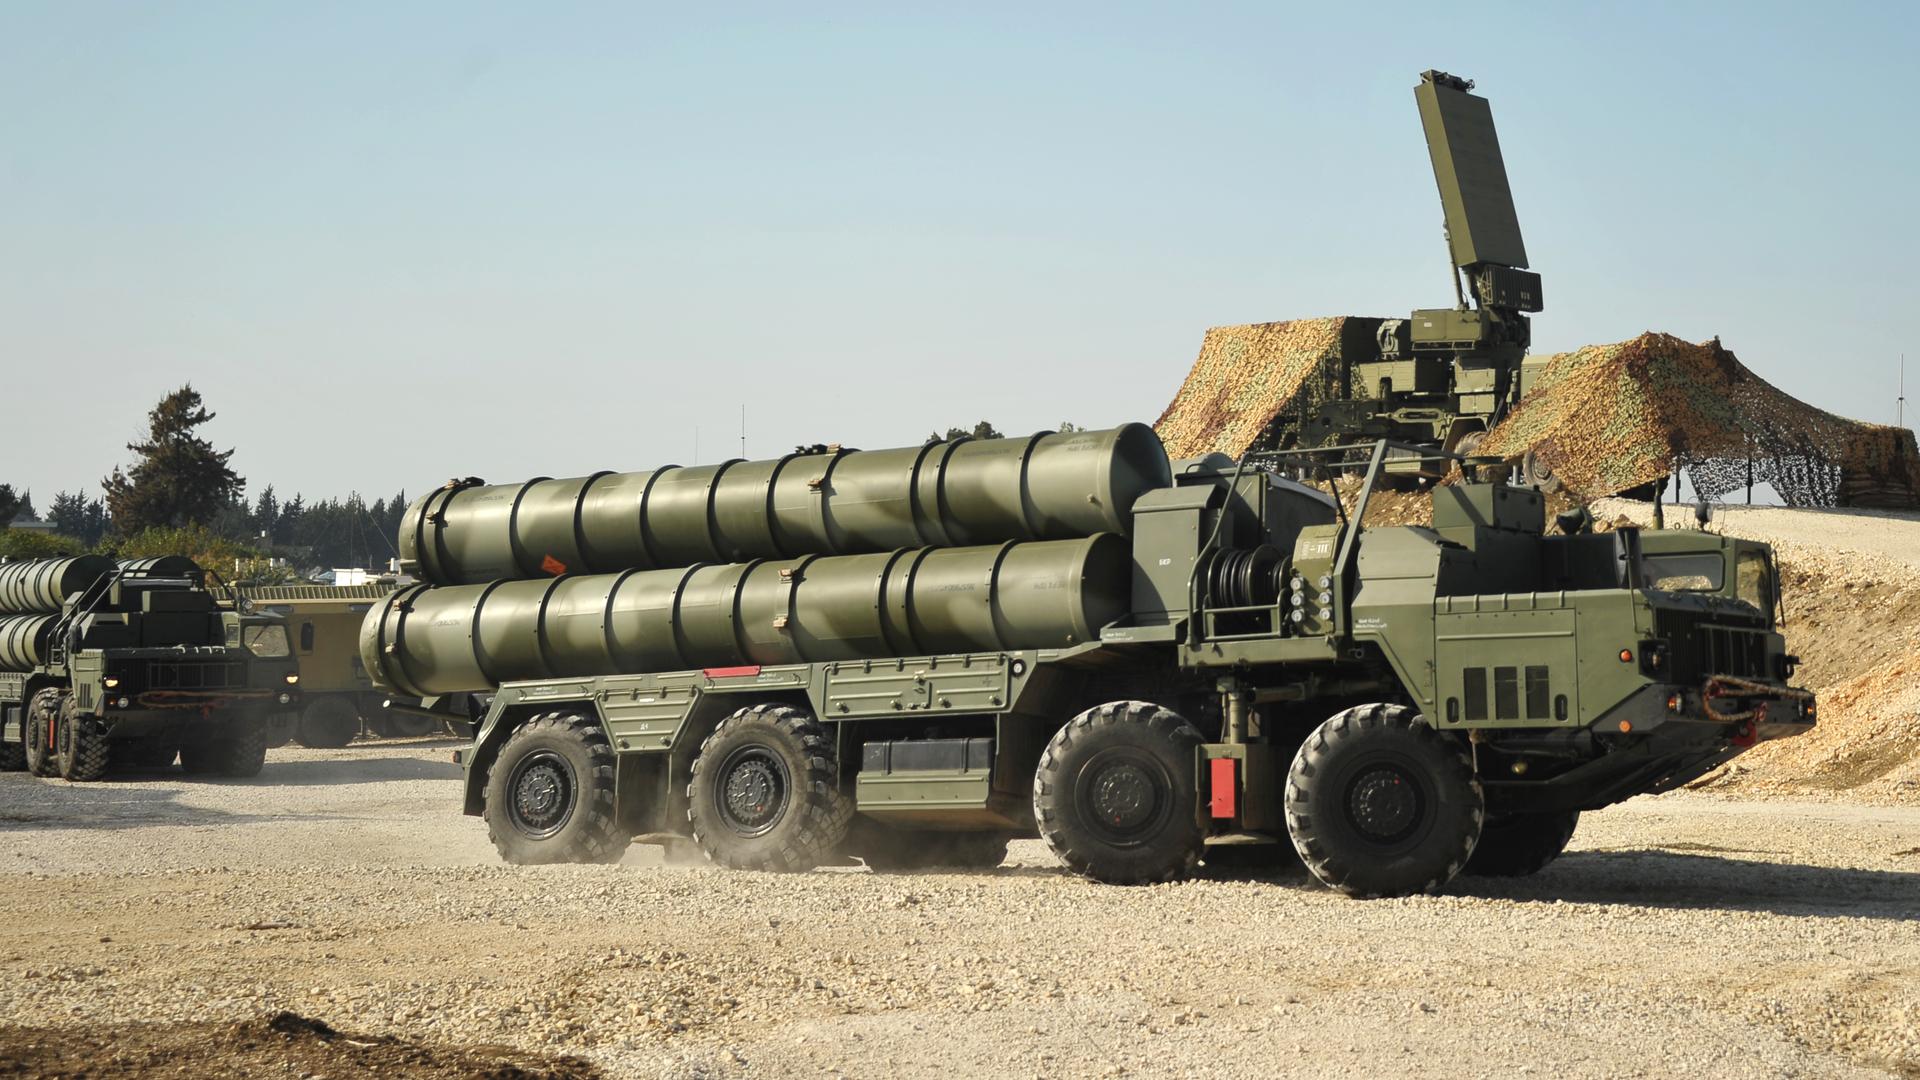 «Там уже есть С-400»: журналист о беспокойстве США по поводу развёртывания С-300 в Сирии